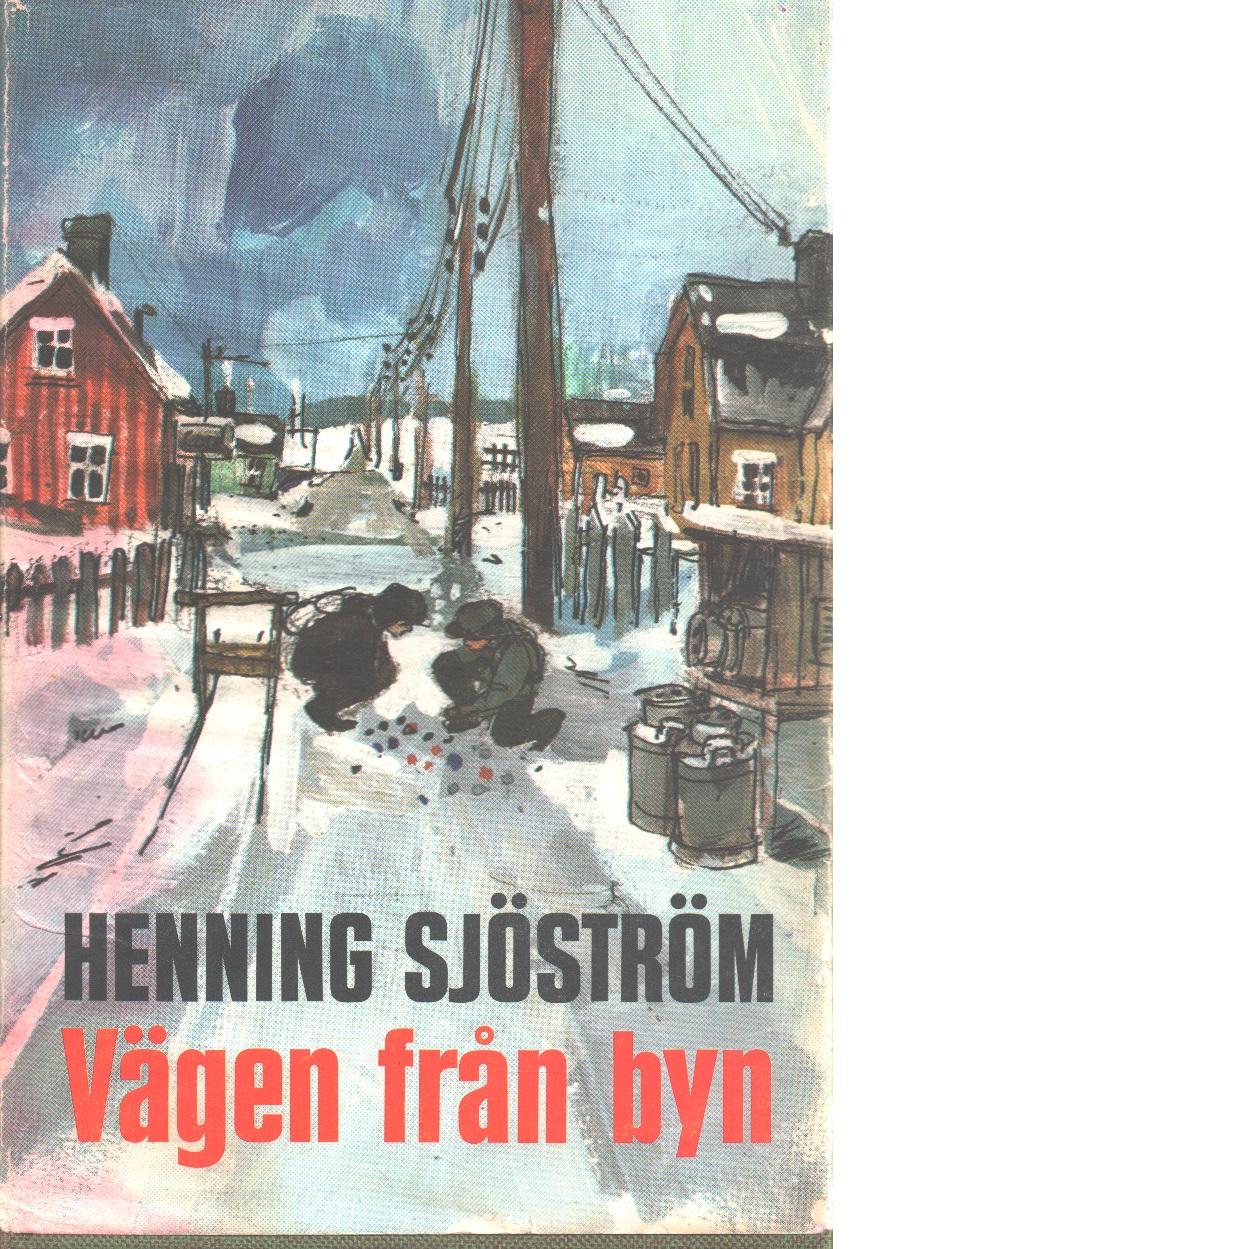 Vägen från byn - Sjöström, Henning